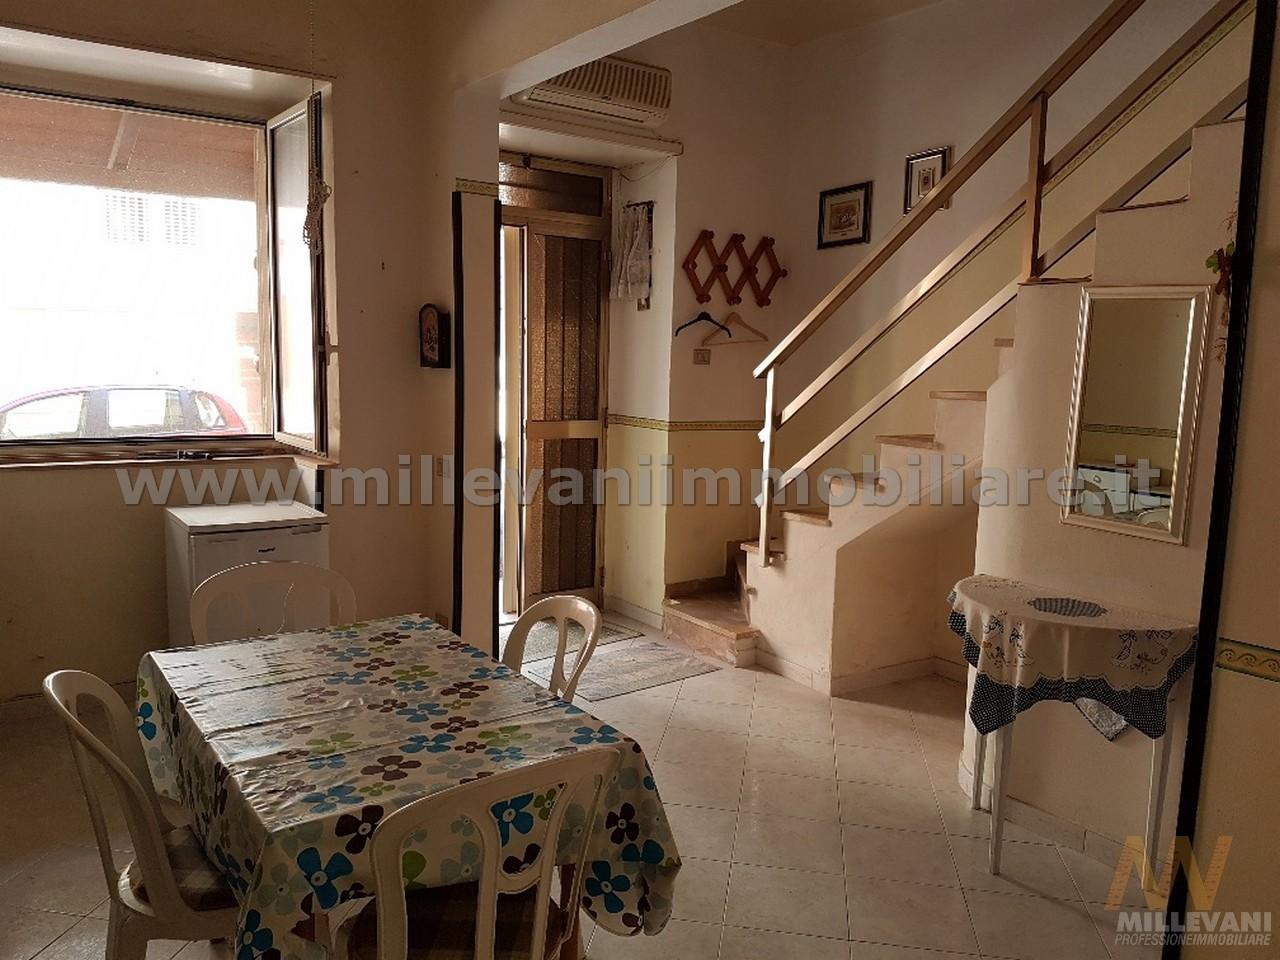 Soluzione Indipendente in vendita a Pozzallo, 5 locali, prezzo € 69.000 | CambioCasa.it